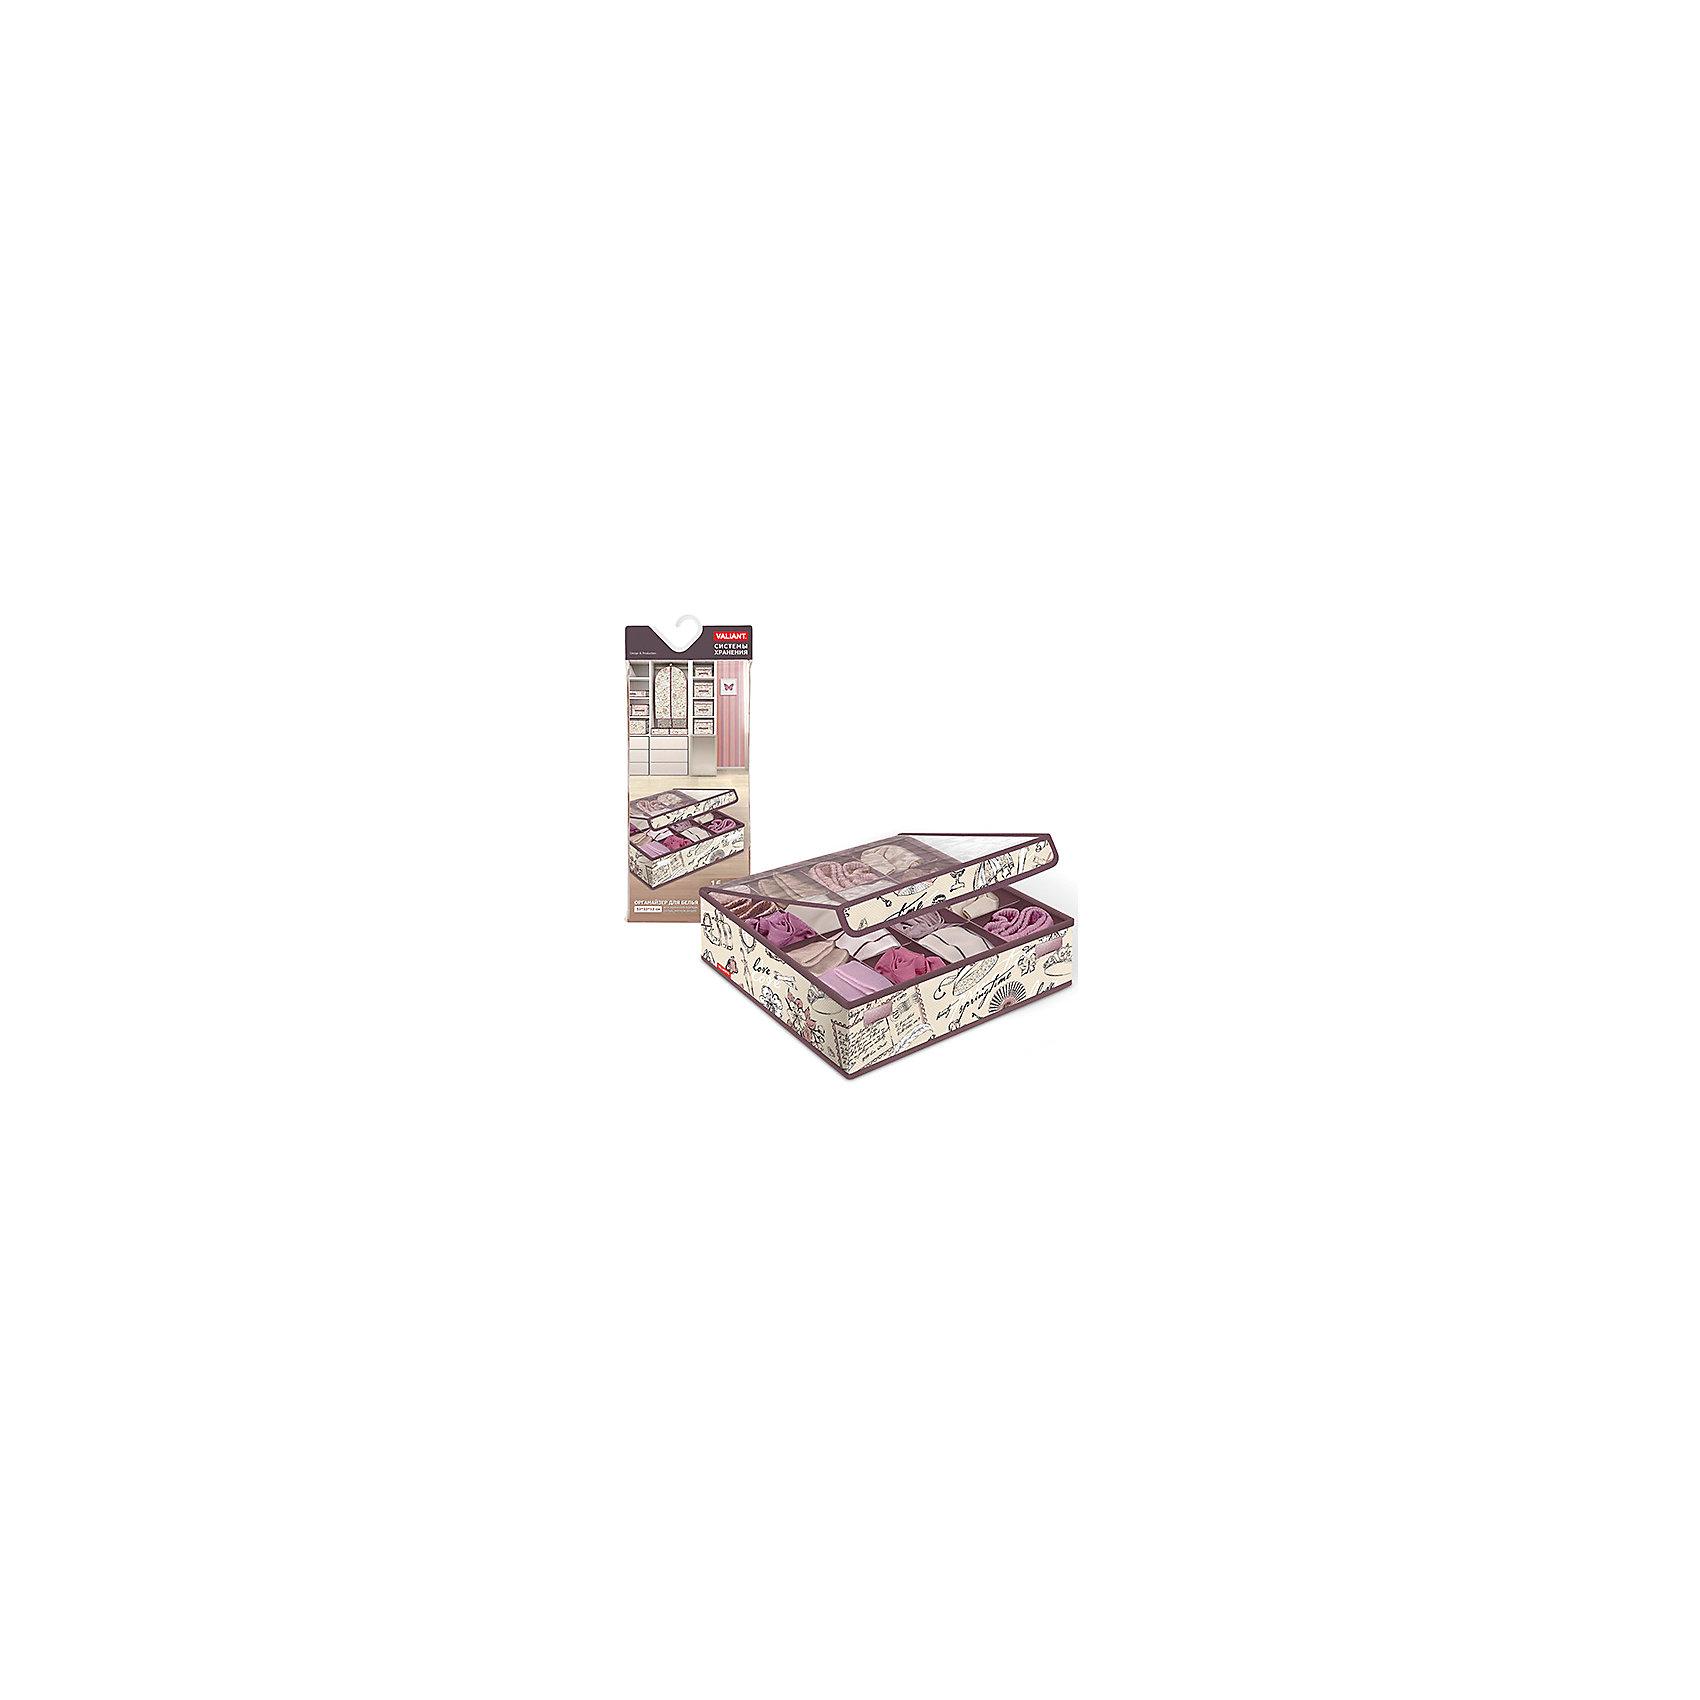 Органайзер для белья и носков с крышкой, 16 секций, 32*32*12 см,  ROMANTIC, ValiantПорядок в детской<br>Органайзер для белья и носков с крышкой, 16 секций, 32*32*12 см,  ROMANTIC, Valiant (Валиант) – это идеальное решения для хранения белья.<br>Универсальный органайзер для белья ROMANTIC от Valiant (Валиант) разработан для хранения трусиков, носочков и другого мелкого белья. Он изготовлен из высококачественного нетканого материала, который обеспечивает естественную вентиляцию, позволяя воздуху проникать внутрь, но не пропускает пыль. Вставки из плотного картона хорошо держат форму. Мягкие перегородки образуют 16 секций и позволяют вещам удобно разместиться внутри. Прозрачная крышка фиксируется с помощью специальных магнитов и позволяет увидеть вещи, не открывая органайзер. Органайзер адаптирован под размеры стандартной мебели. Изделие отличается мобильностью: легко раскладывается и складывается. Органайзер оформлен оригинальным нежным, изящным рисунком, который гармонично смотрится в женском гардеробе. Органайзер для белья ROMANTIC от Valiant (Валиант) создаст трогательную атмосферу романтического настроения и станет незаменимым аксессуаром.<br><br>Дополнительная информация:<br><br>- Количество секций: 16<br>- Размер: 32х32х12 см.<br>- Материал: нетканый материал, картон<br>- Цвет: пепельно-розовый, сиреневый<br><br>Органайзер для белья и носков с крышкой, 16 секций, 32*32*12 см,  ROMANTIC, Valiant (Валиант) можно купить в нашем интернет-магазине.<br><br>Ширина мм: 160<br>Глубина мм: 20<br>Высота мм: 415<br>Вес г: 328<br>Возраст от месяцев: 36<br>Возраст до месяцев: 1080<br>Пол: Унисекс<br>Возраст: Детский<br>SKU: 4993465